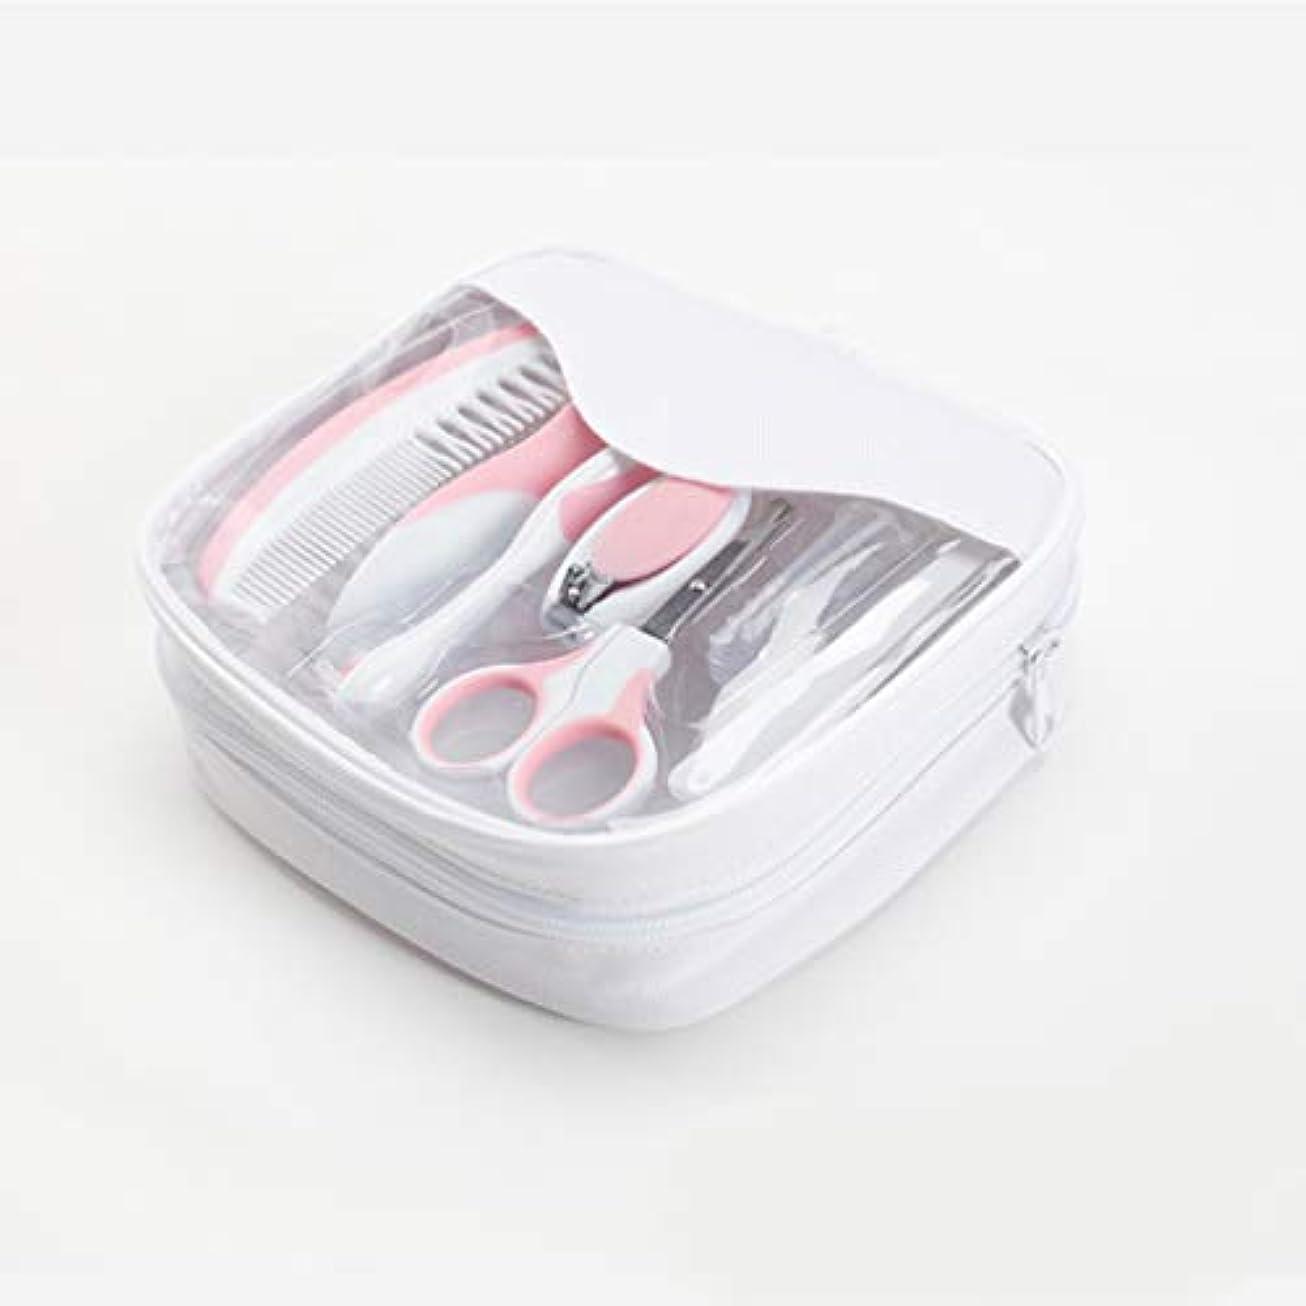 マント通常形状ベビーネイルクリッパーセット、7ポータブルベビー製品ネイルケア子供ネイルハサミ安全はさみのセット,Pink